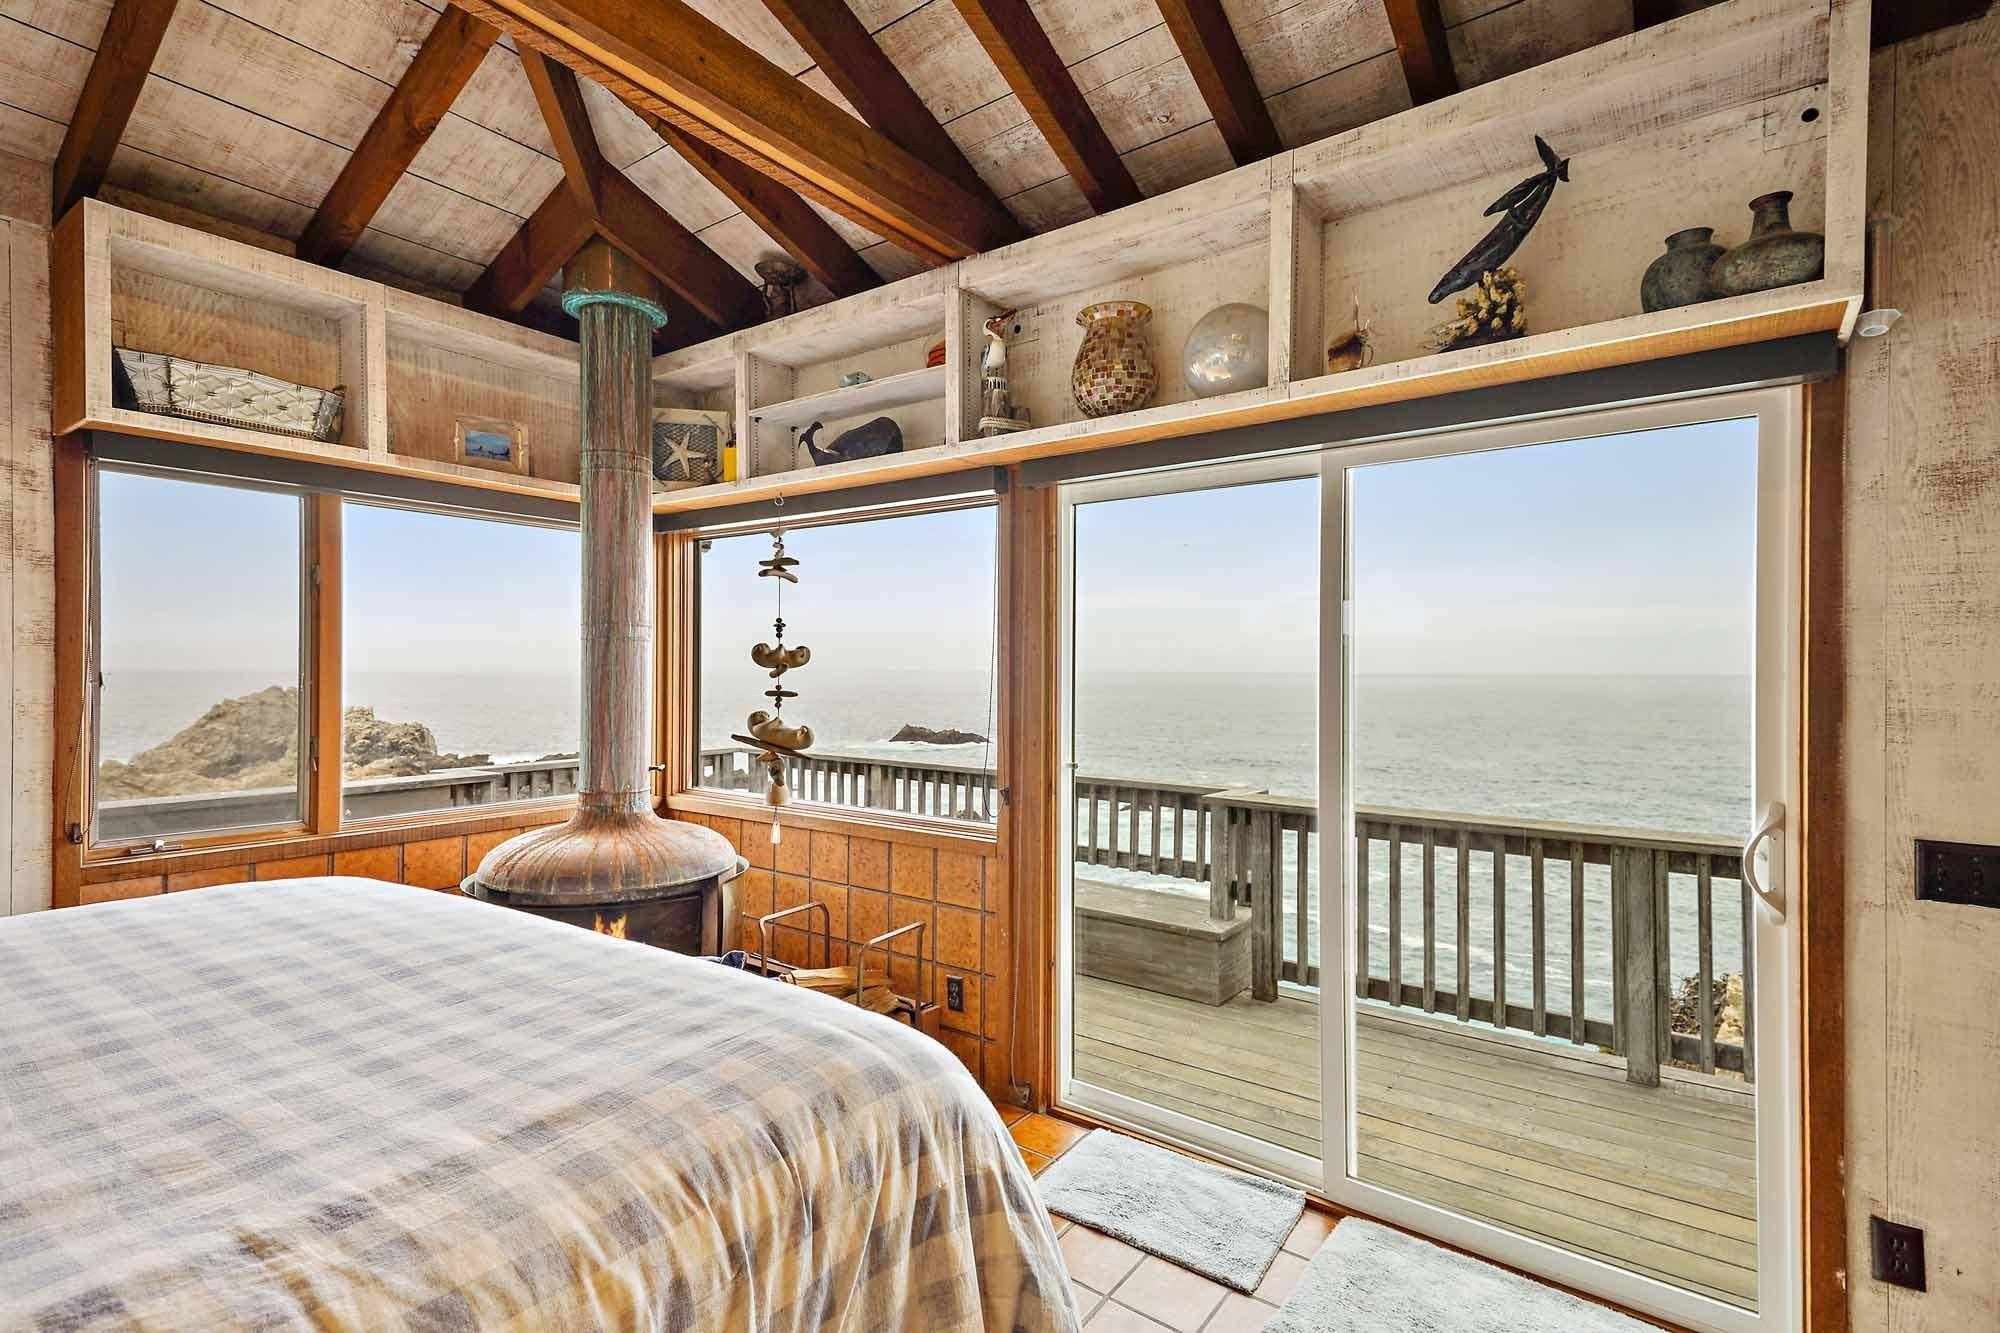 Gästehaus Klippenhaus in der Stadt Carmel in Kalifornien